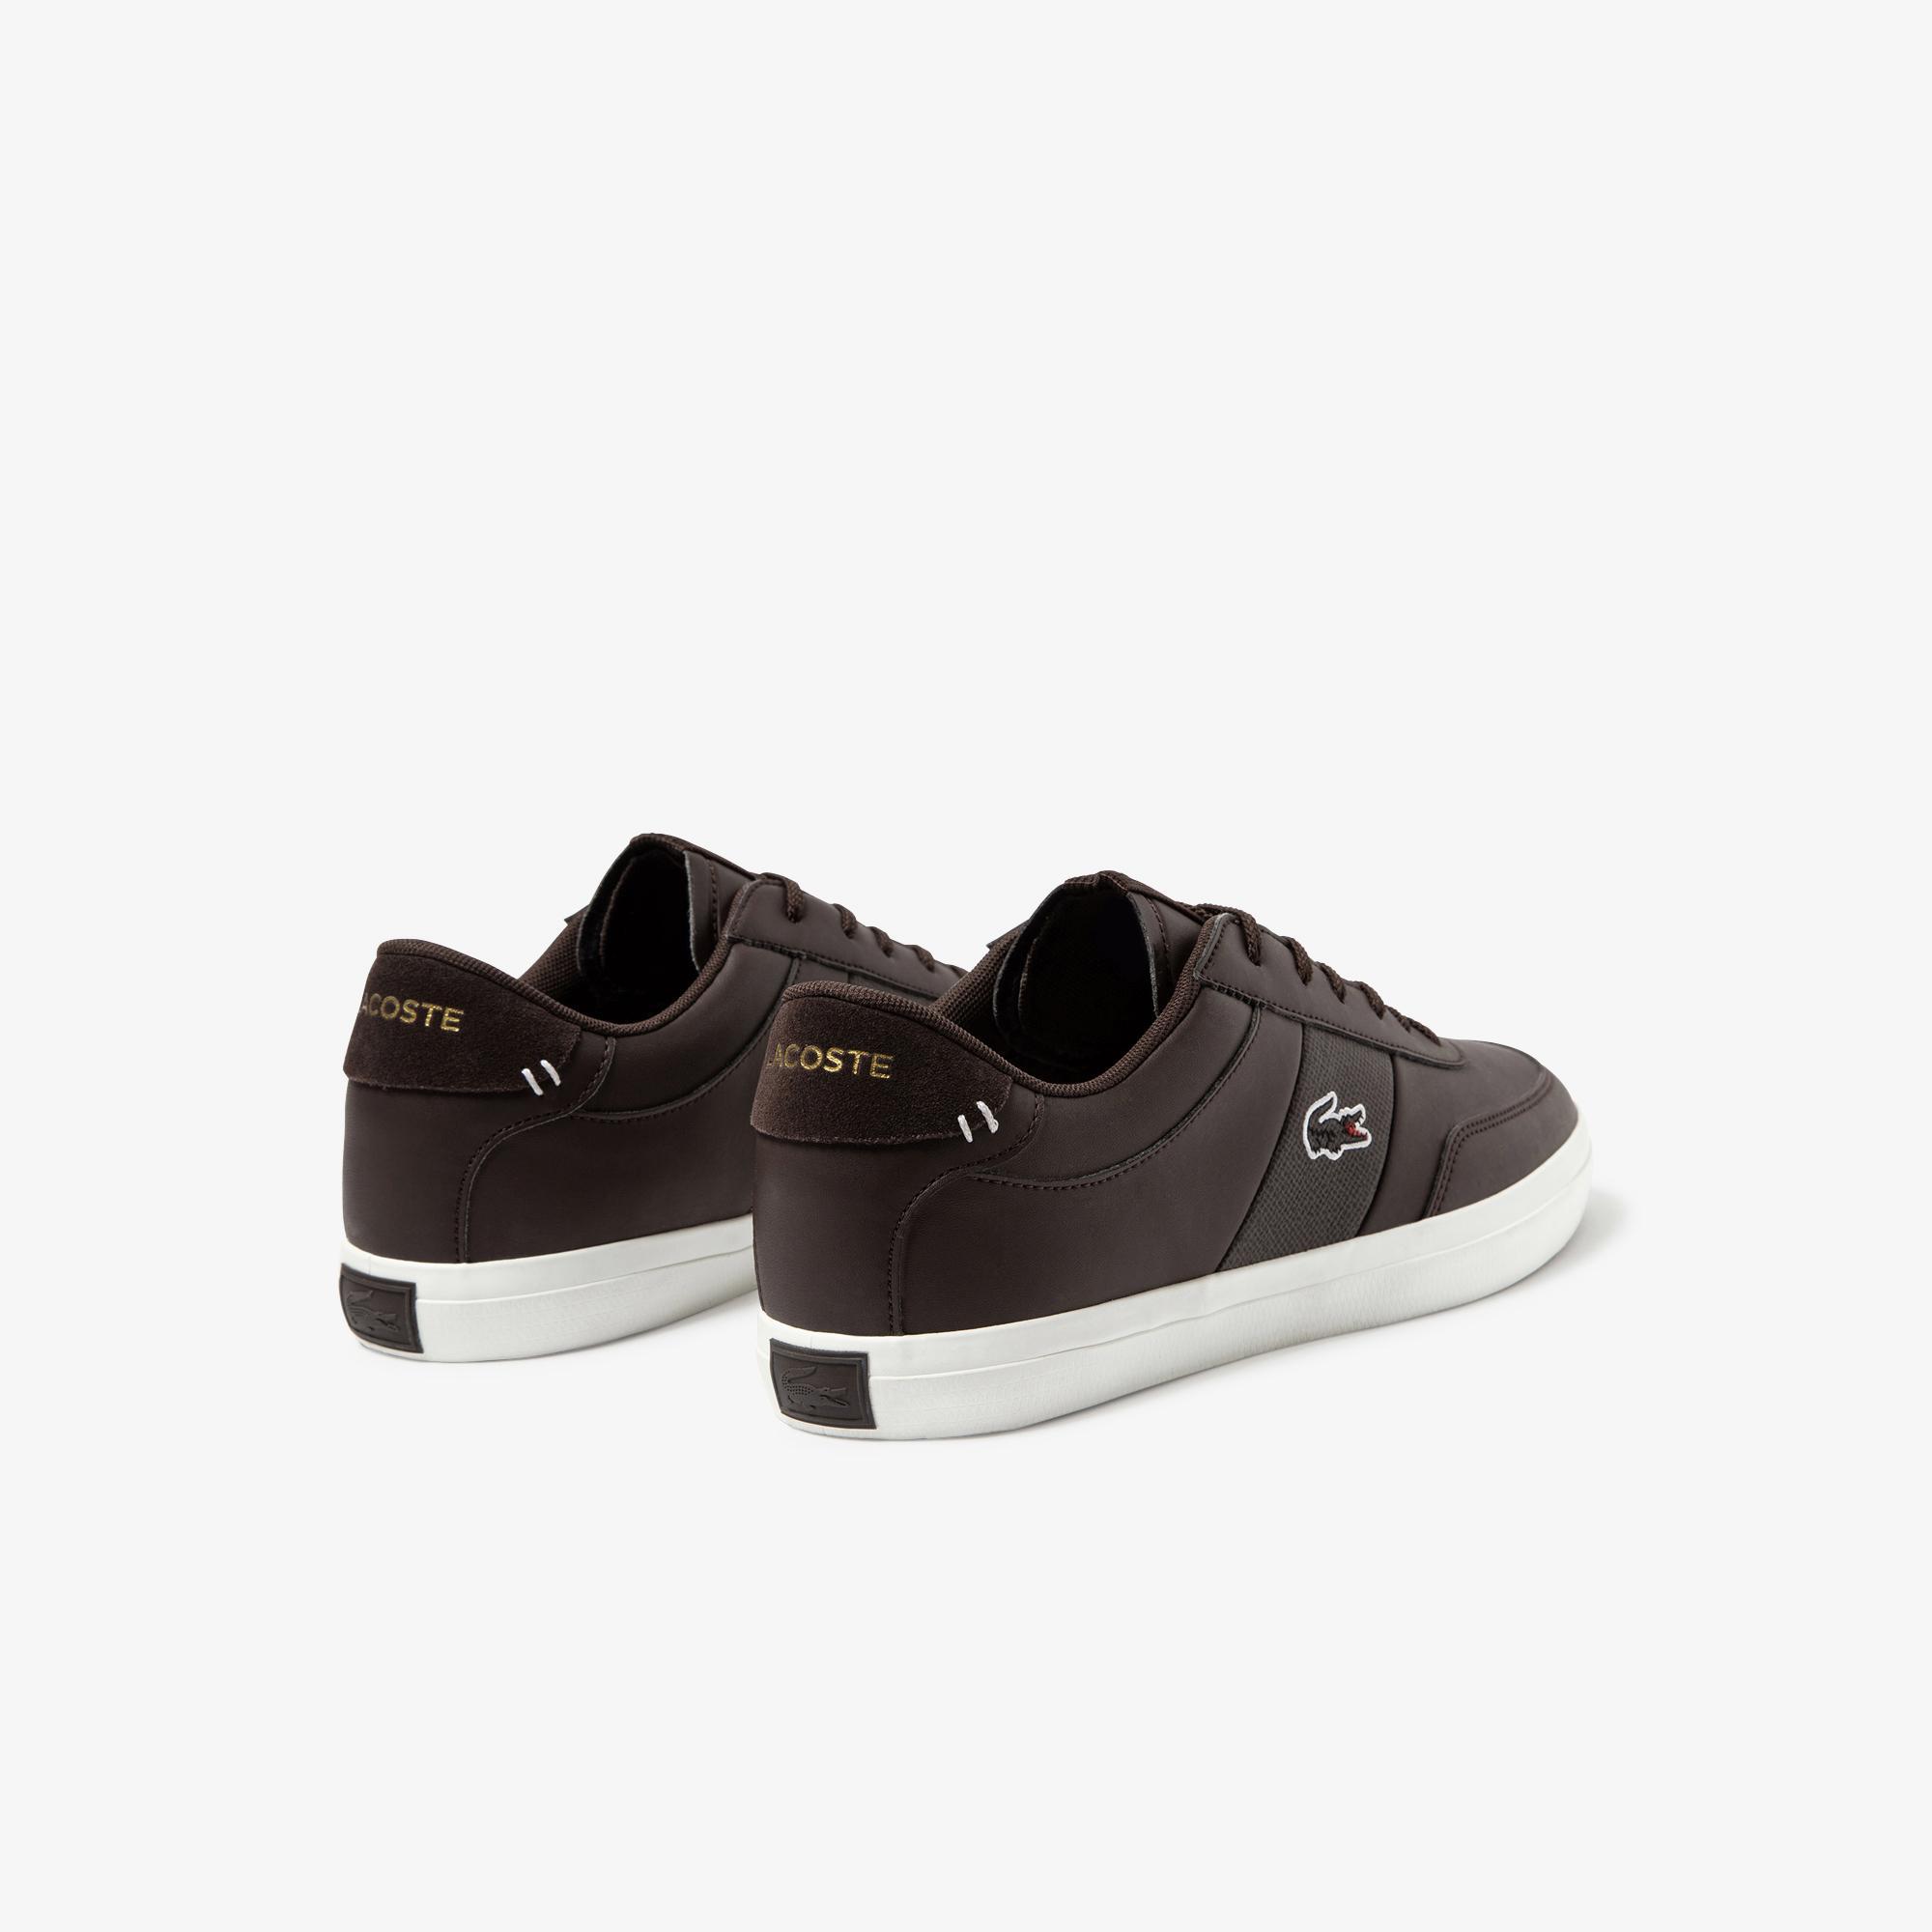 Lacoste Court-Master 120 2 Cma Erkek Koyu Kahverengi - Beyaz Deri Casual Ayakkabı